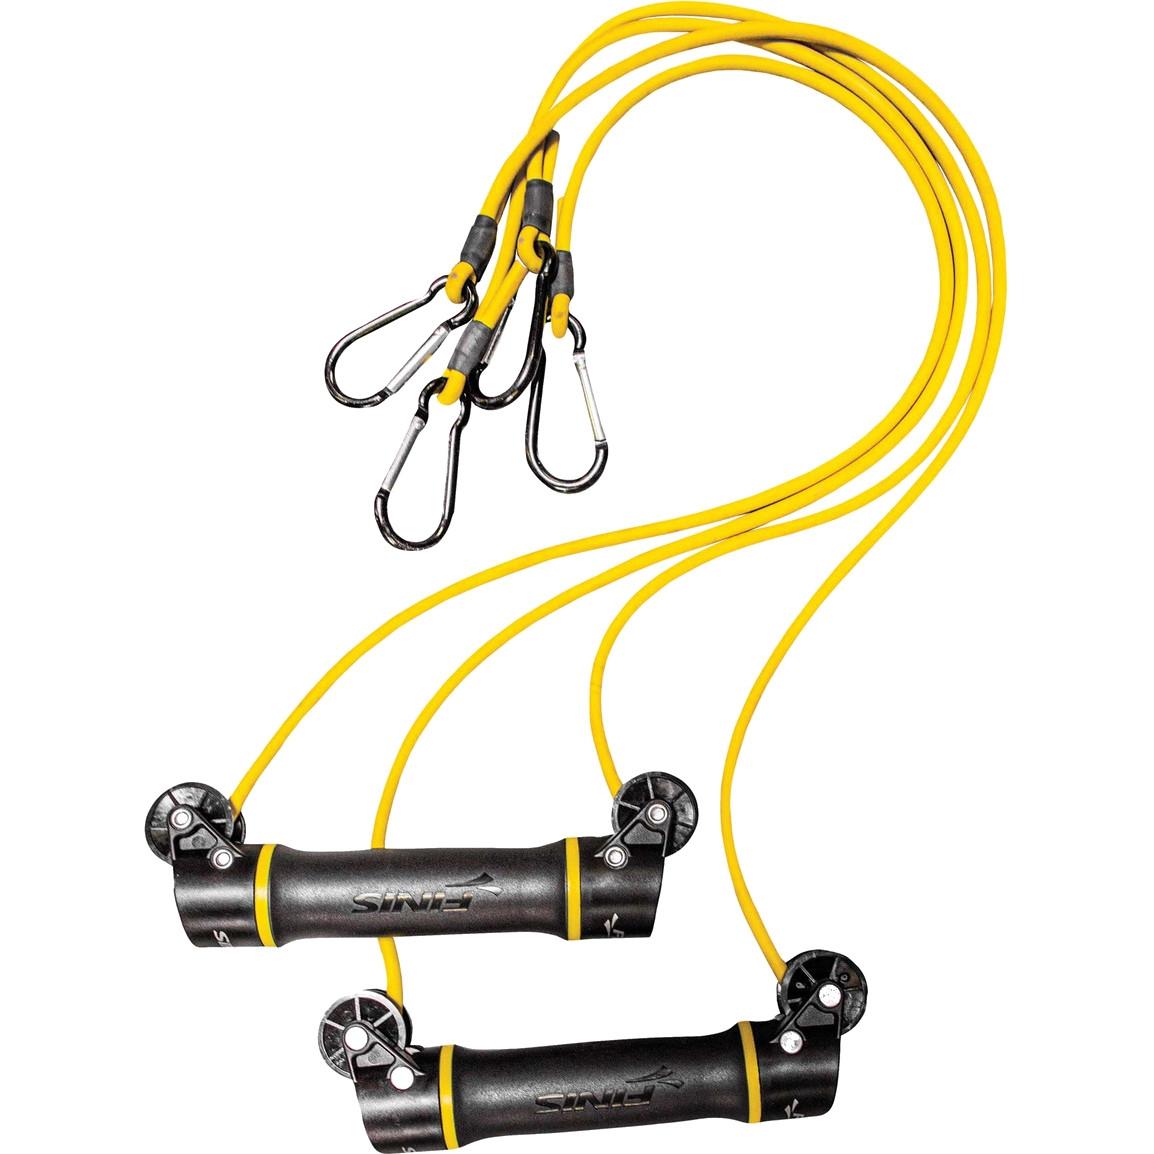 Produktbild von FINIS, Inc. Slide Dryland Trainer Widerstandsband